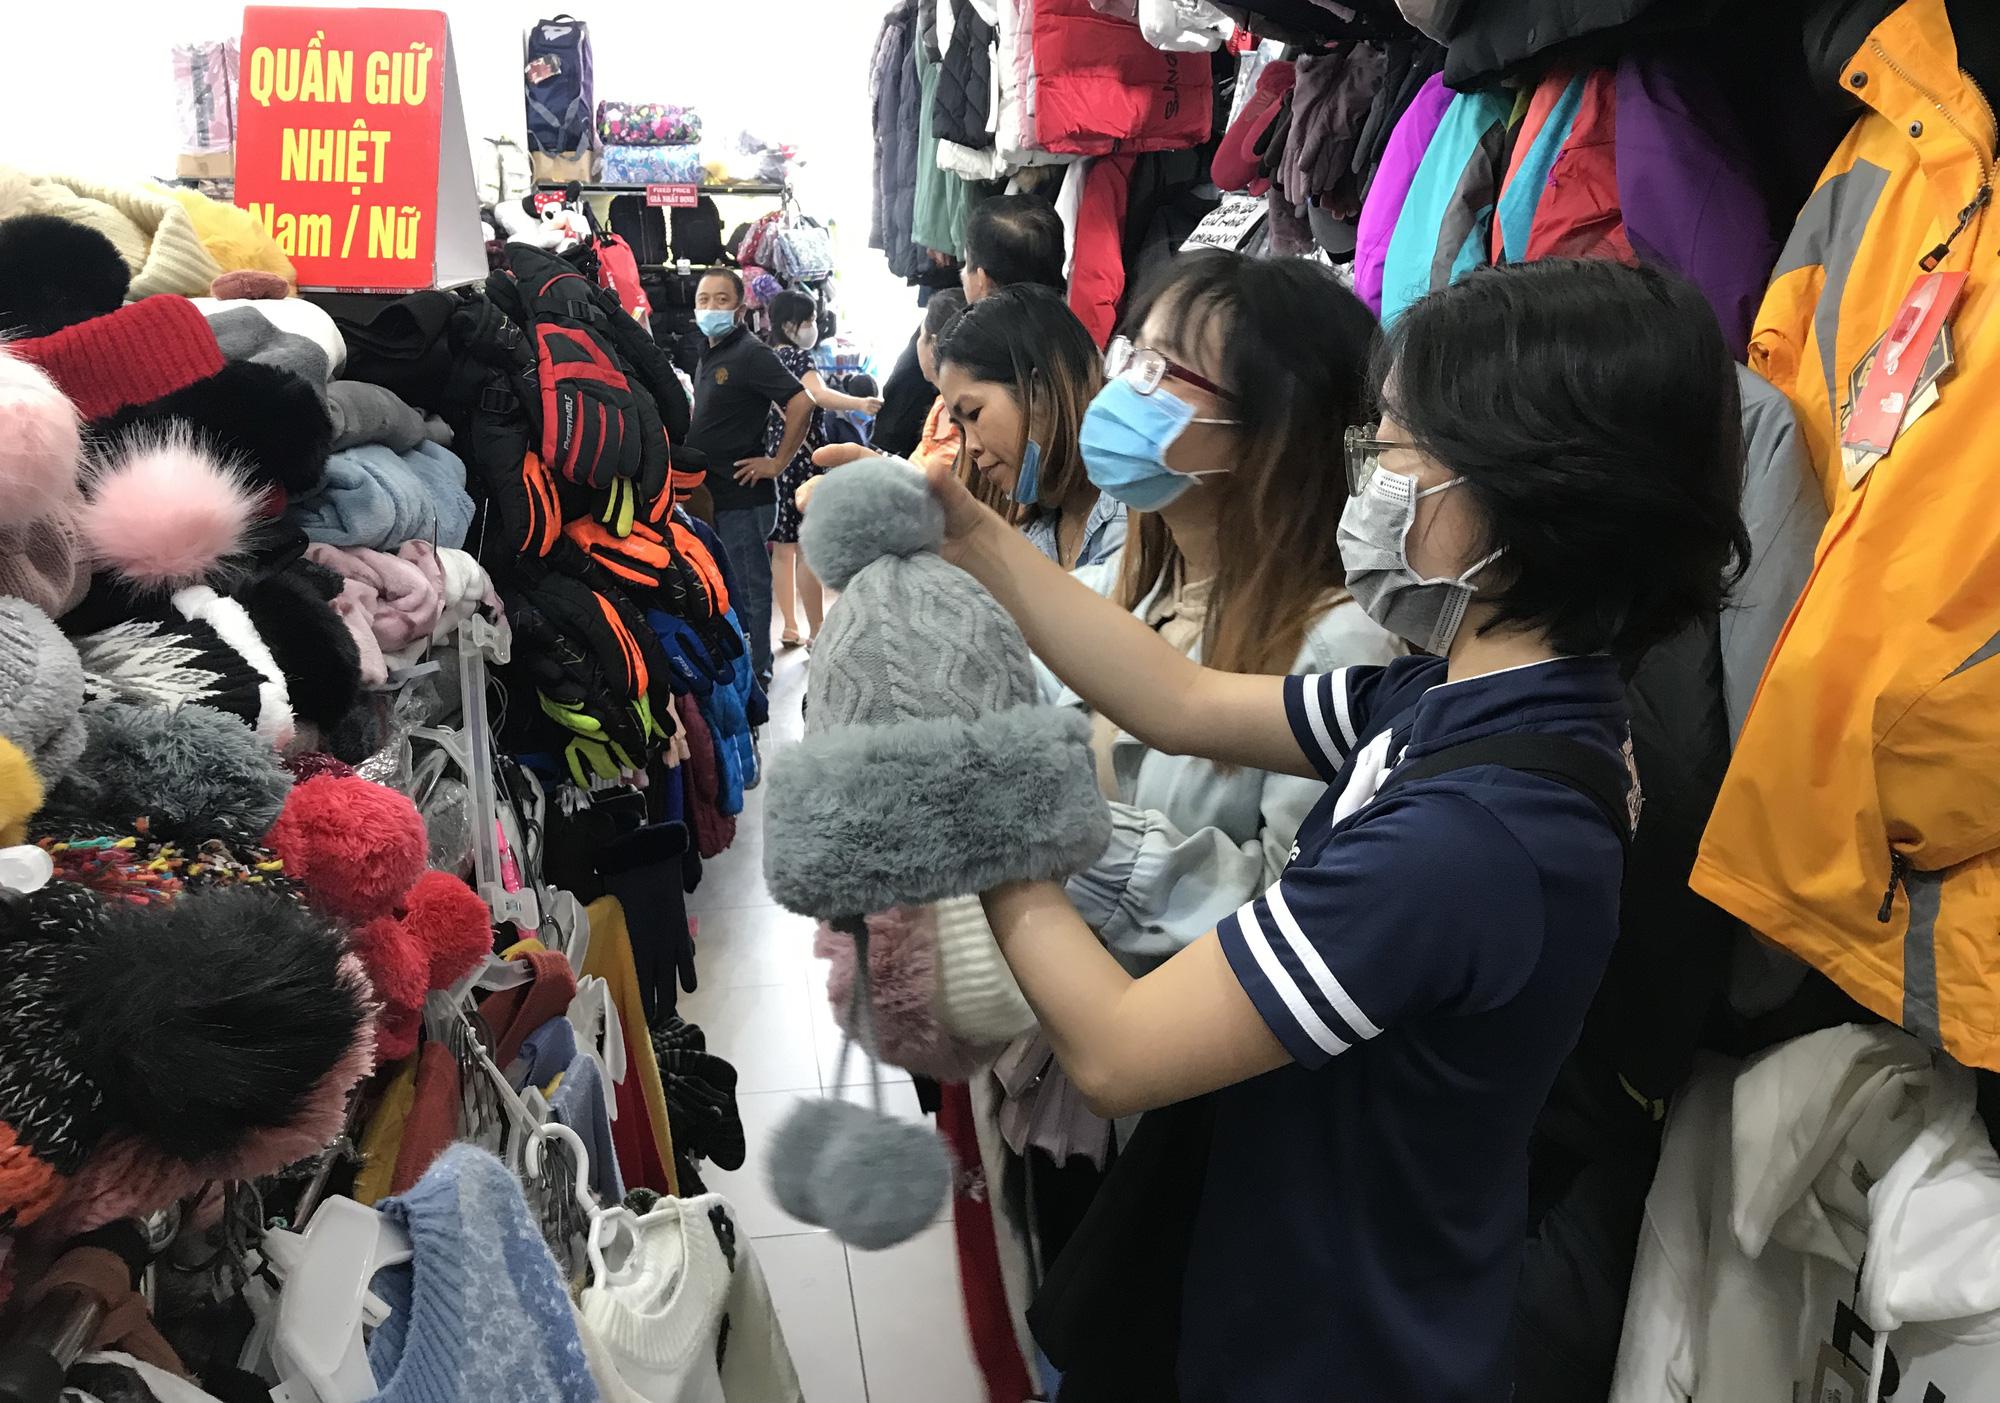 Chợ Nga ở Sài Gòn bán gì mà ế ẩm cả năm qua, nay tiểu thương mới bắt đầu vui trở lại - Ảnh 4.